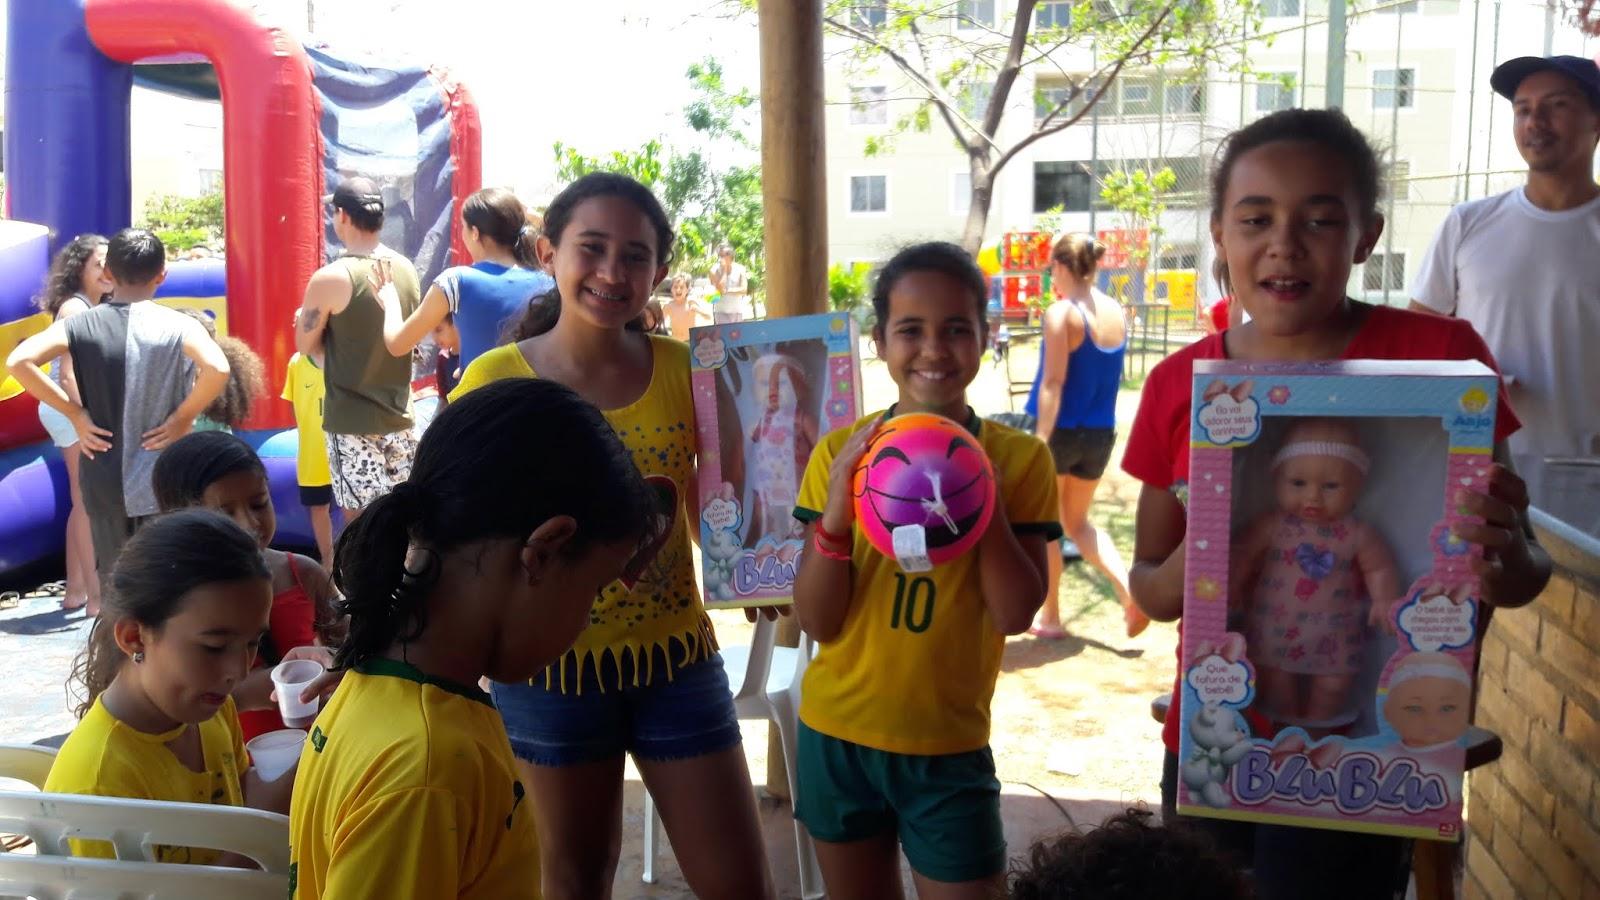 20181012 111055 - 12 de outubro teve festa para as crianças no Jardins Mangueiral